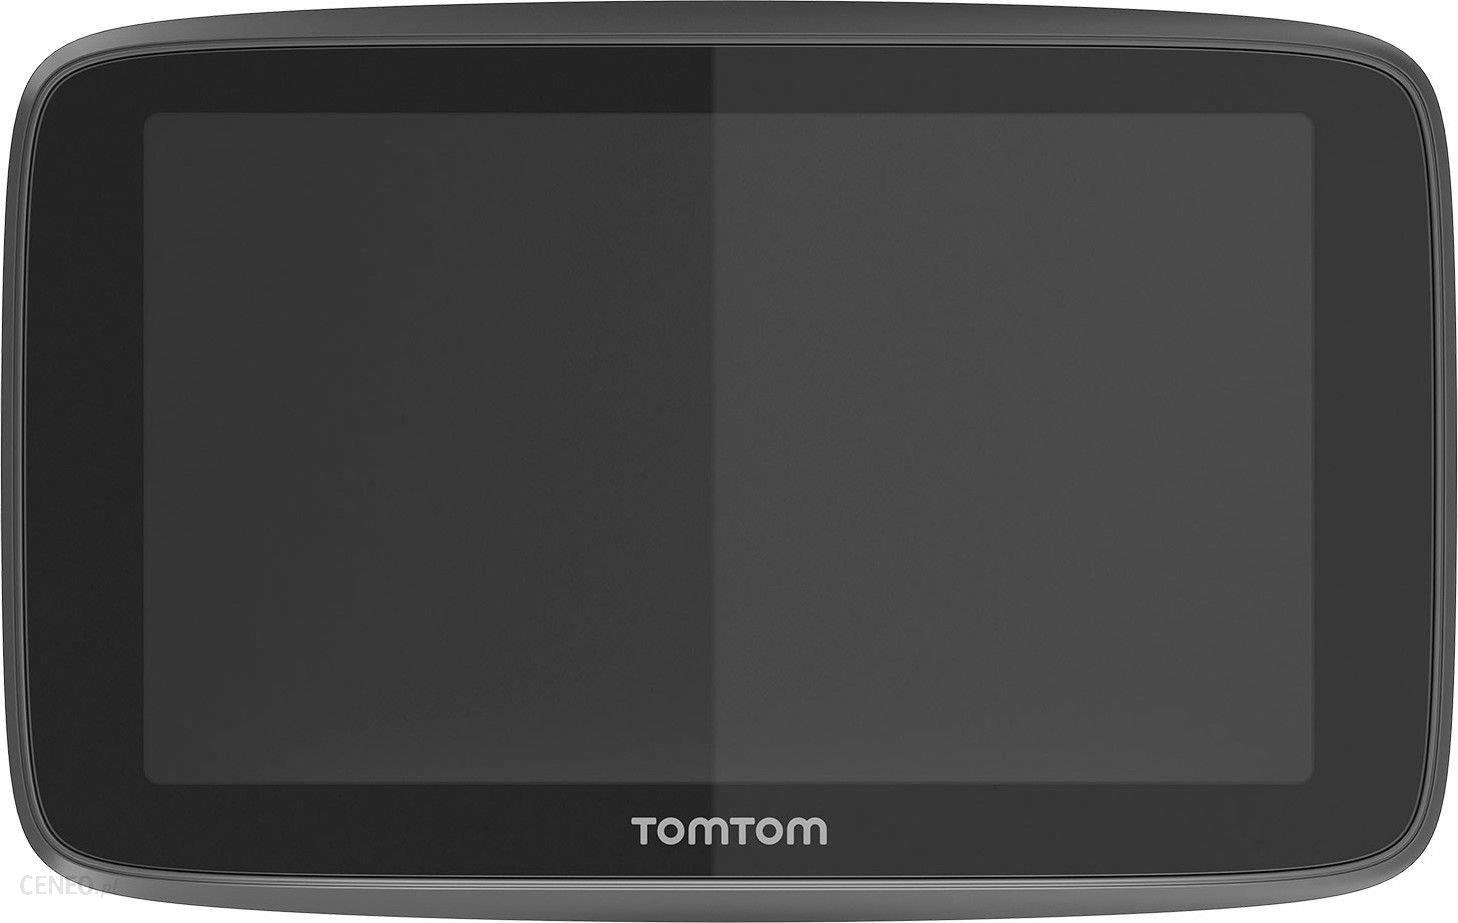 6b68738f604fff Nawigacja samochodowa TomTom GO 520 World 1PN500203 - Opinie i ceny ...